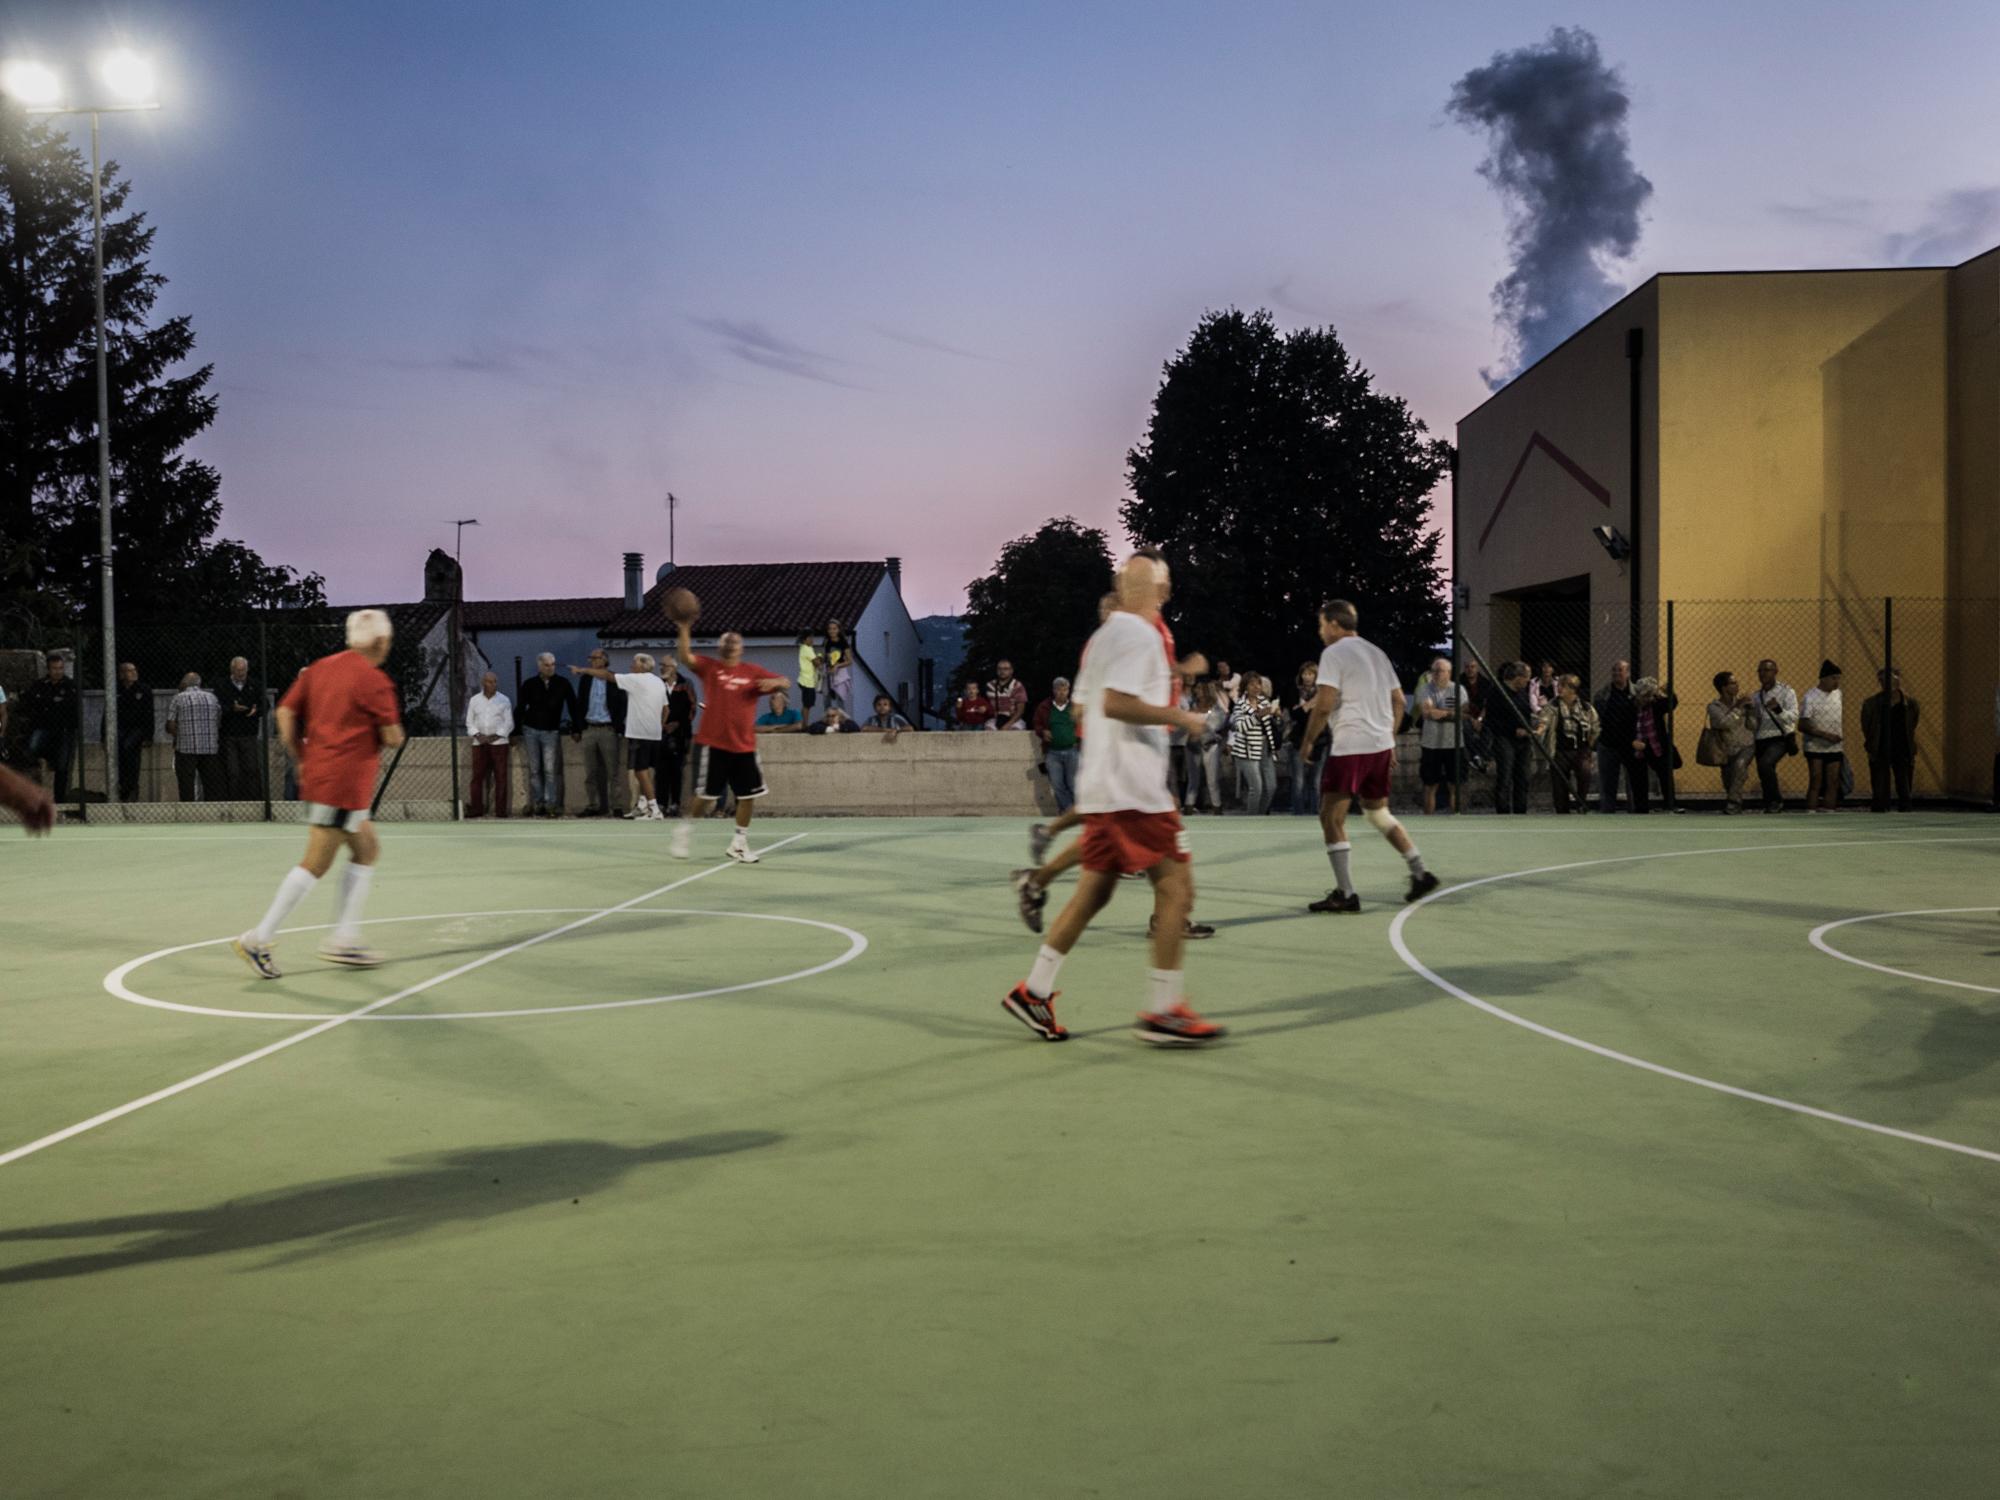 """Partita amichevole nel nuovissimo campo di pallacanestro all'aperto nel rione Servola di Trieste, alle spalle una delle """"fumate nere"""" dell'adiacente Ferriera.Trieste, 2015."""